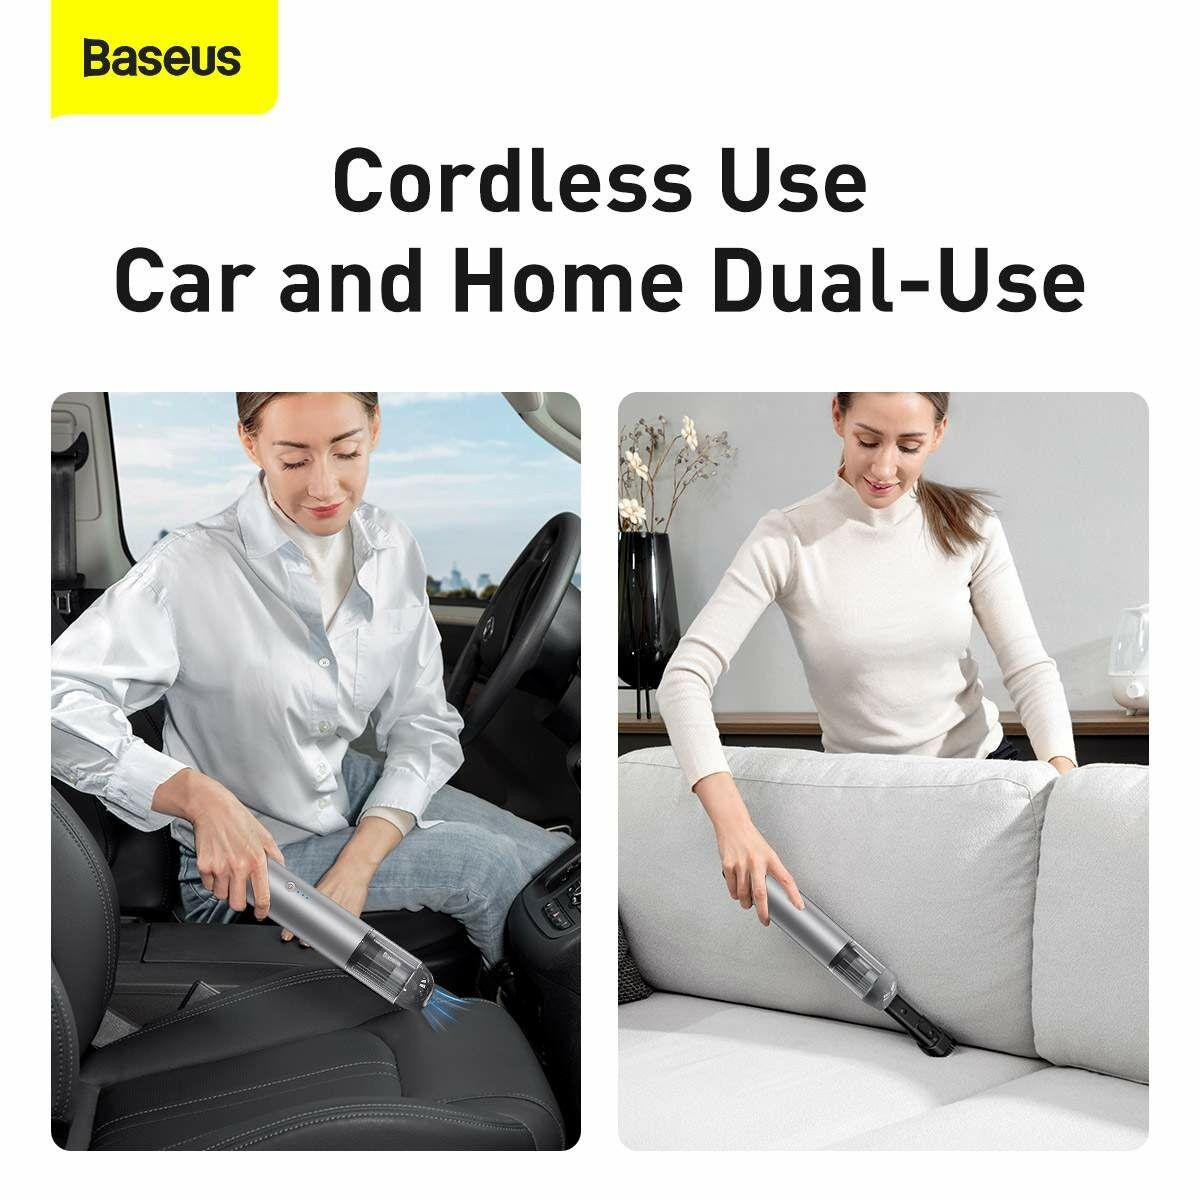 Baseus autós kiegészítő, porszívó A3, 15000Pa szívóerő 135W, ezüst (CRXCQA3-0S)